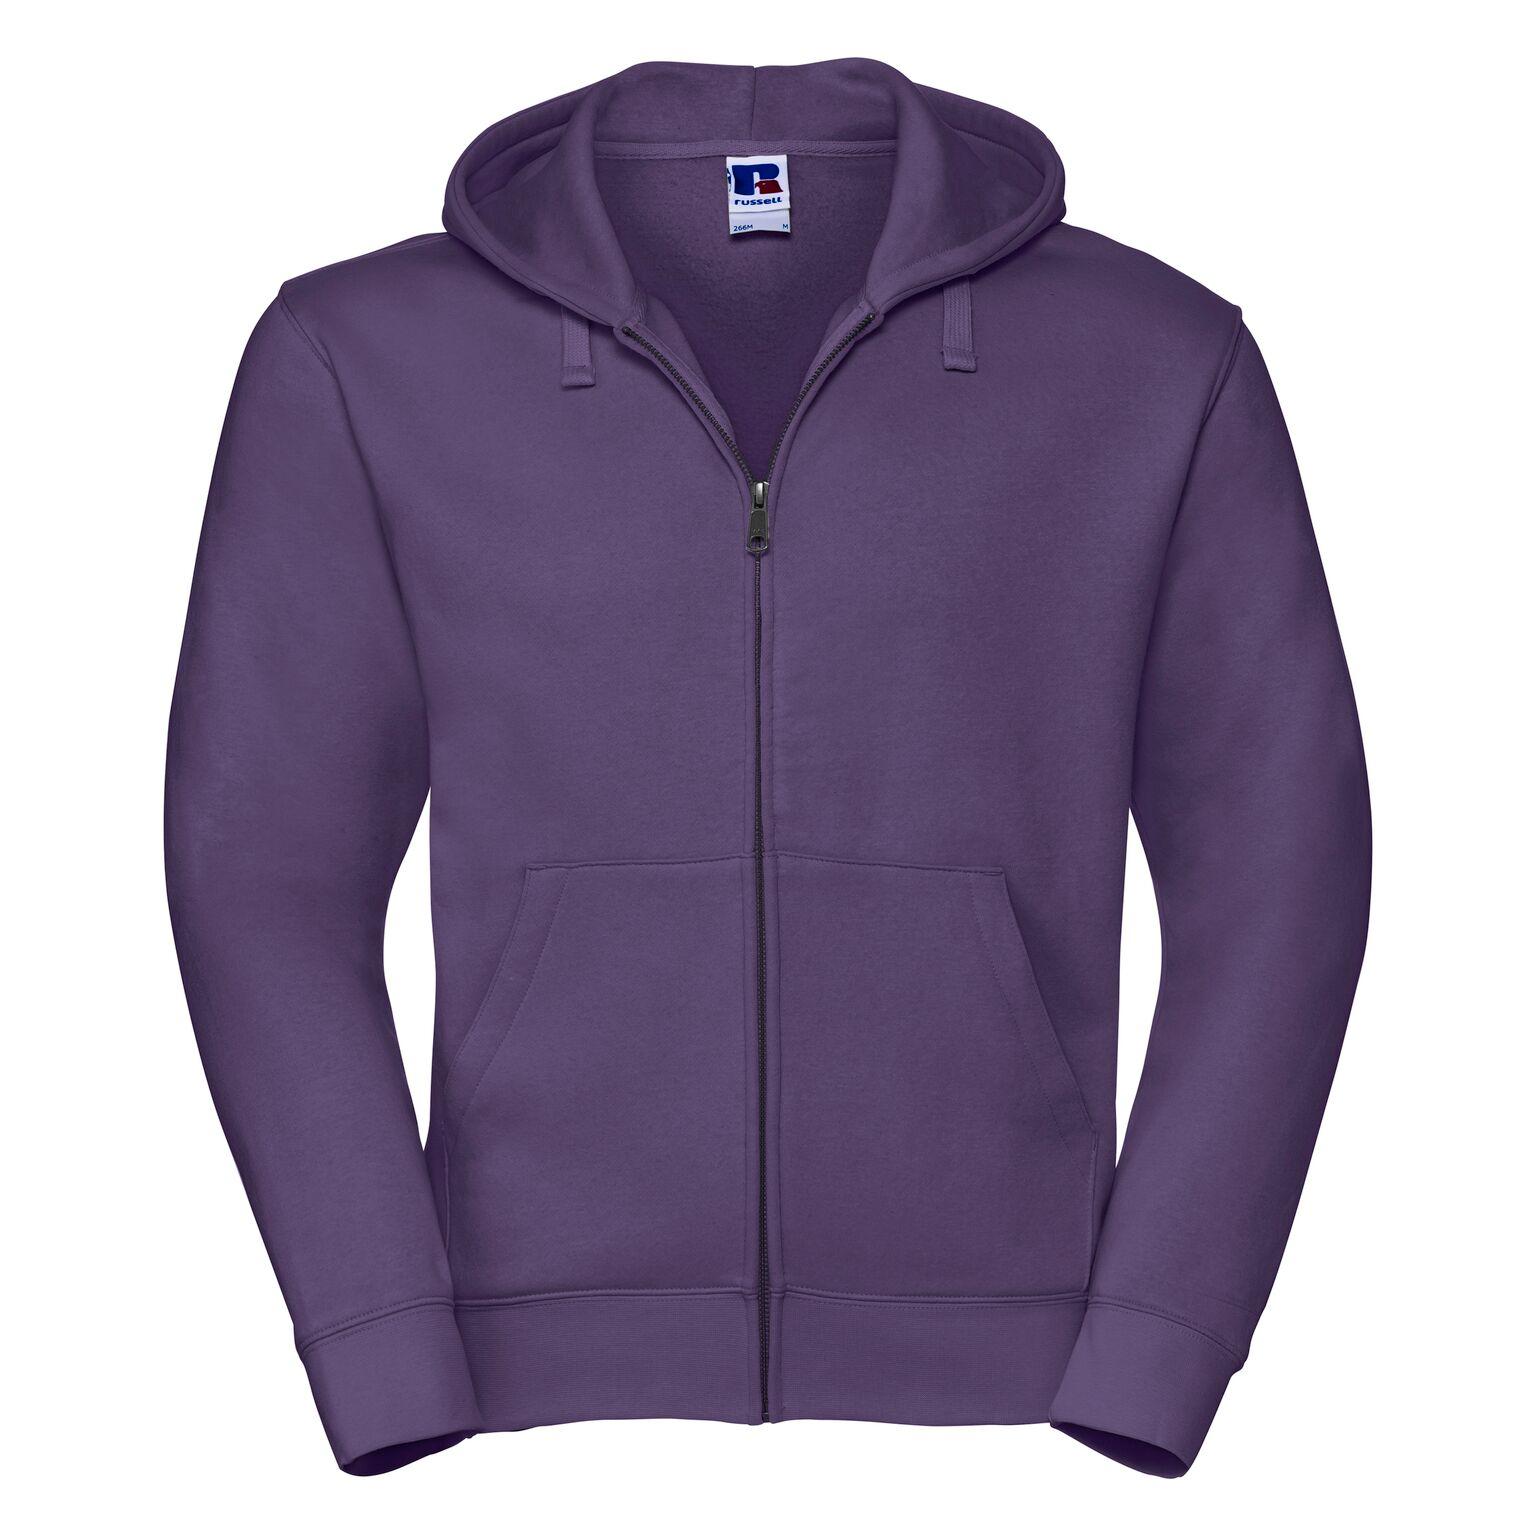 01_j266m_violet--0-0--ce8349fa-4cc0-4b77-81bc-8334d5c057eb